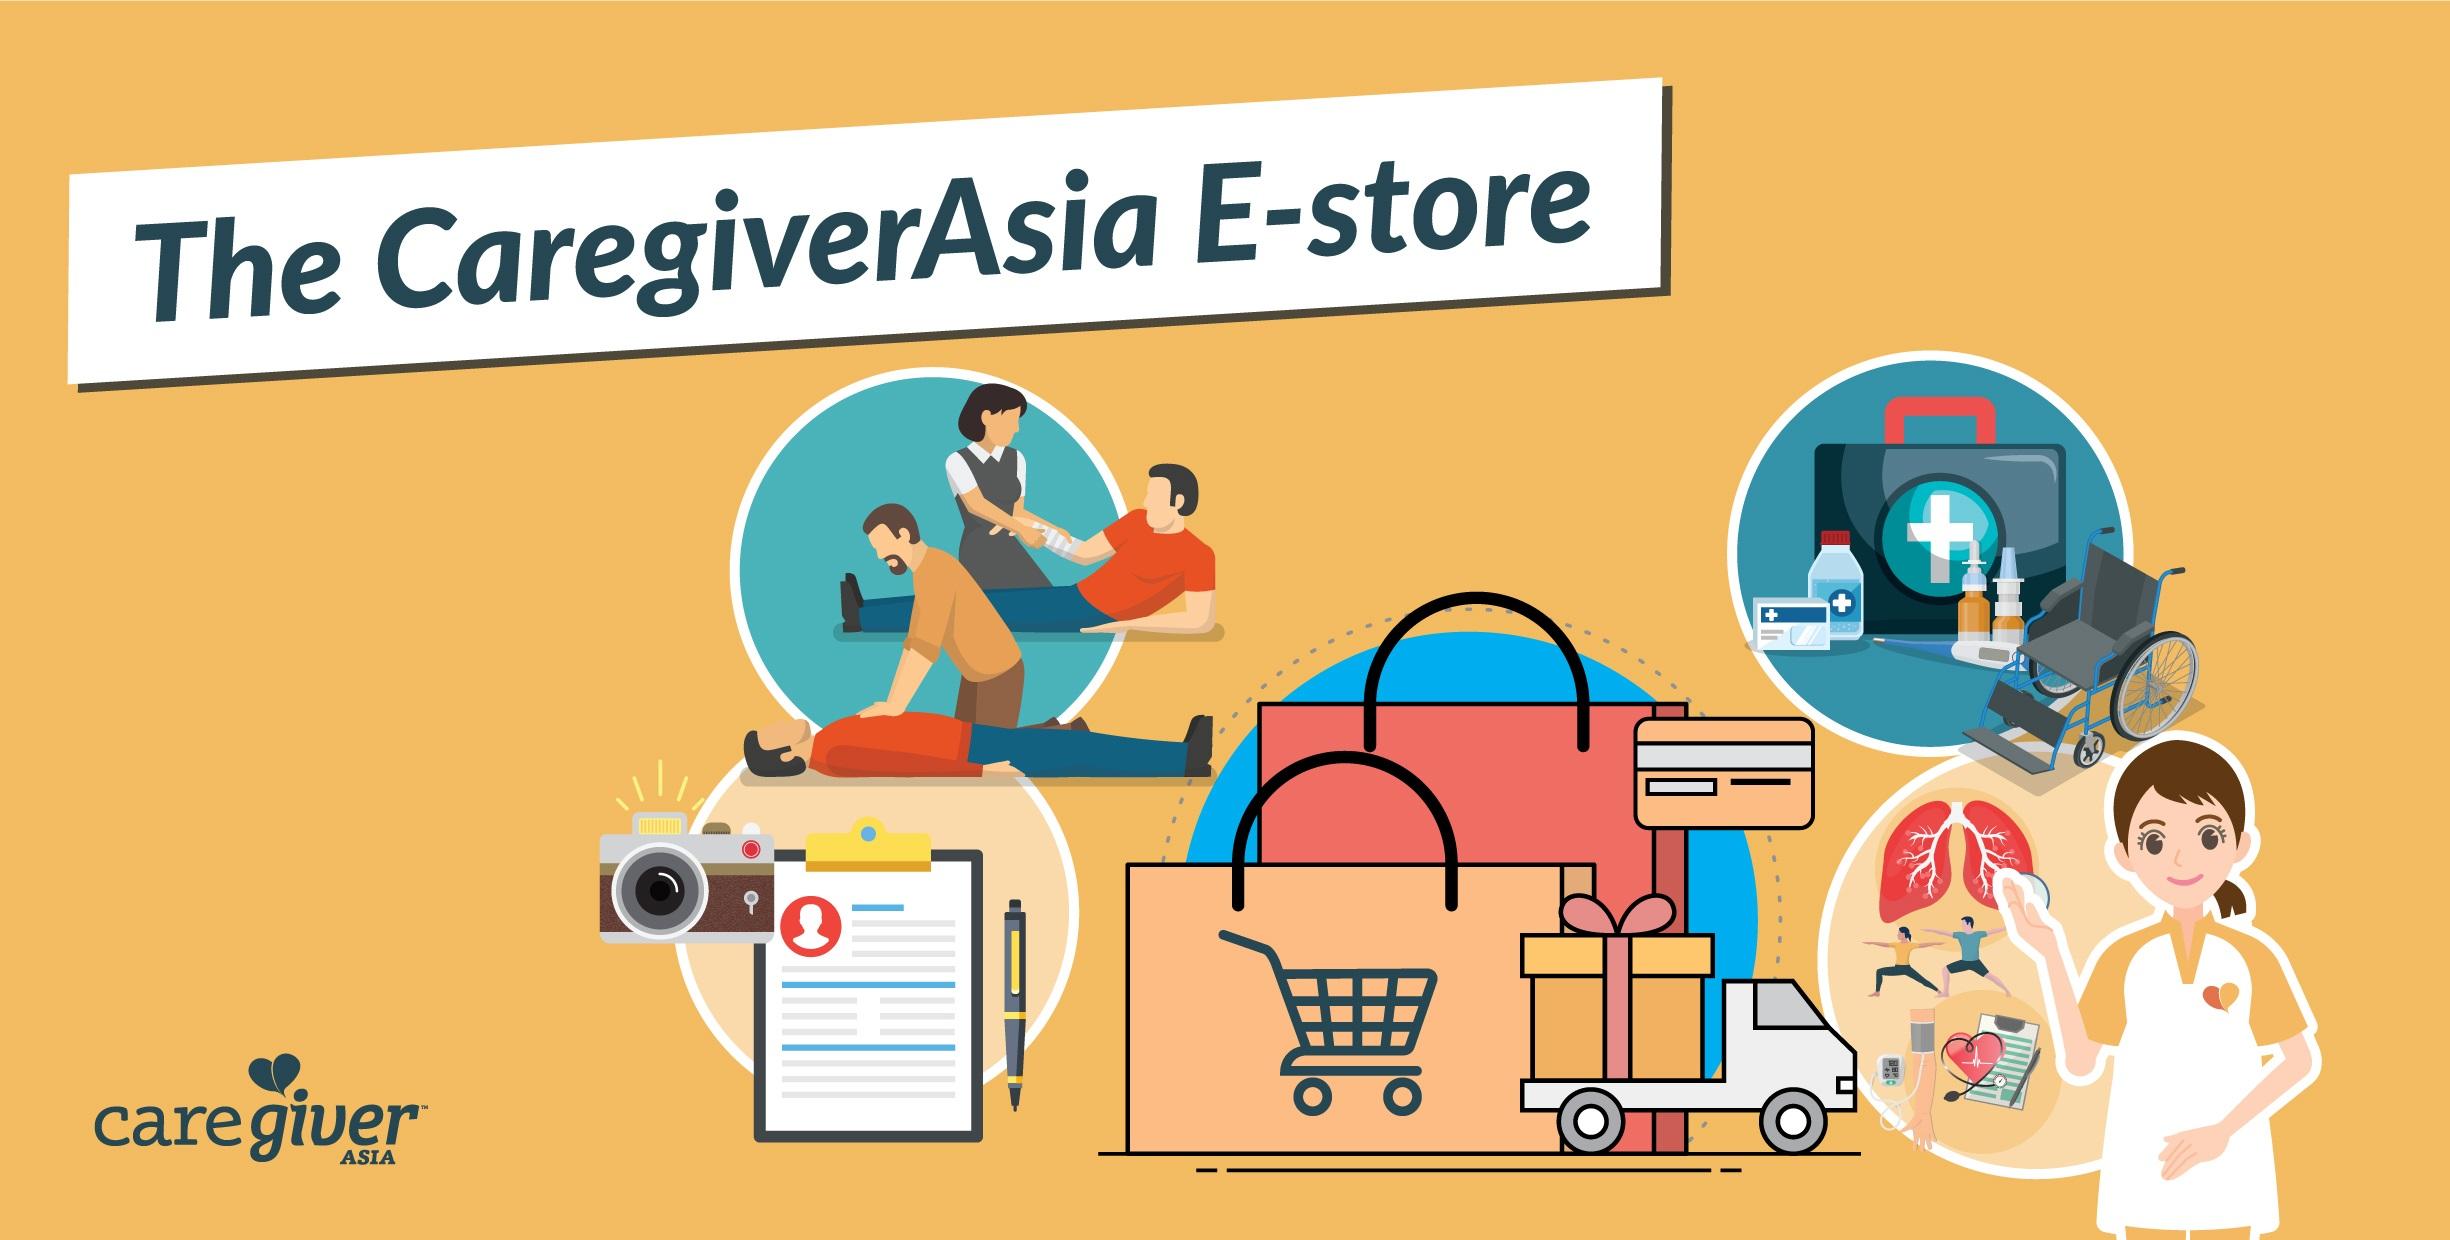 CaregiverAsia's E-store